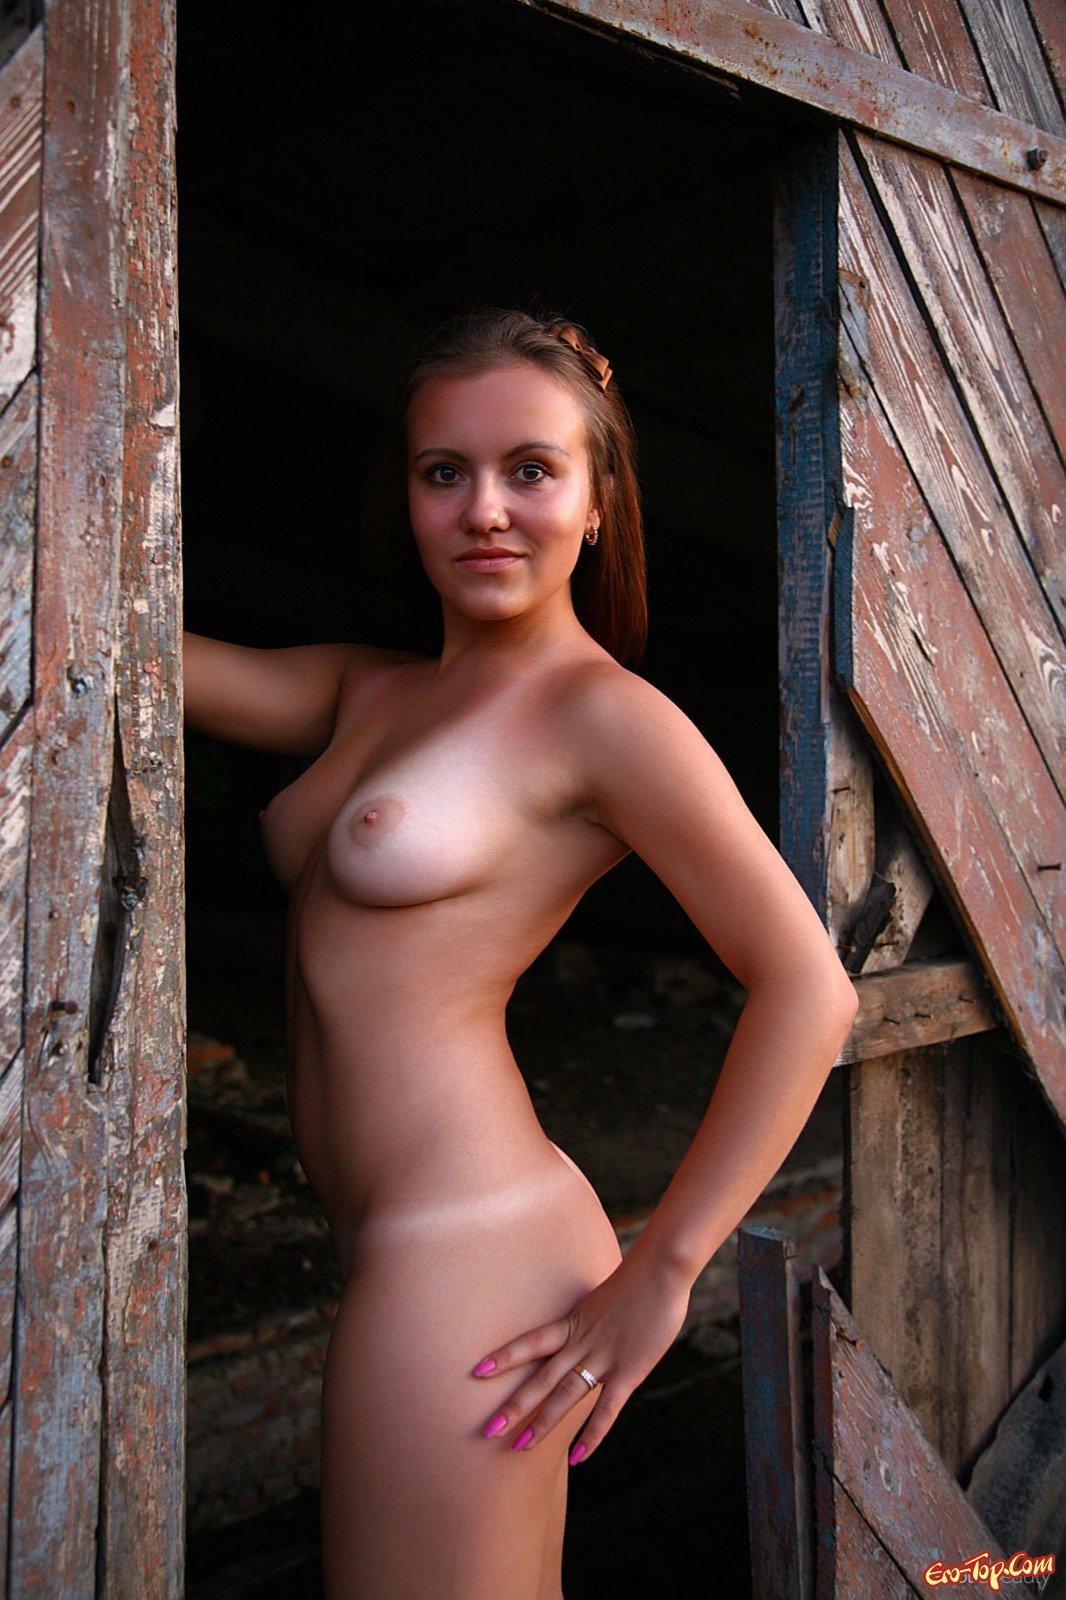 Раздетая барышня делает селфи вблизи от старого сарая смотреть эротику